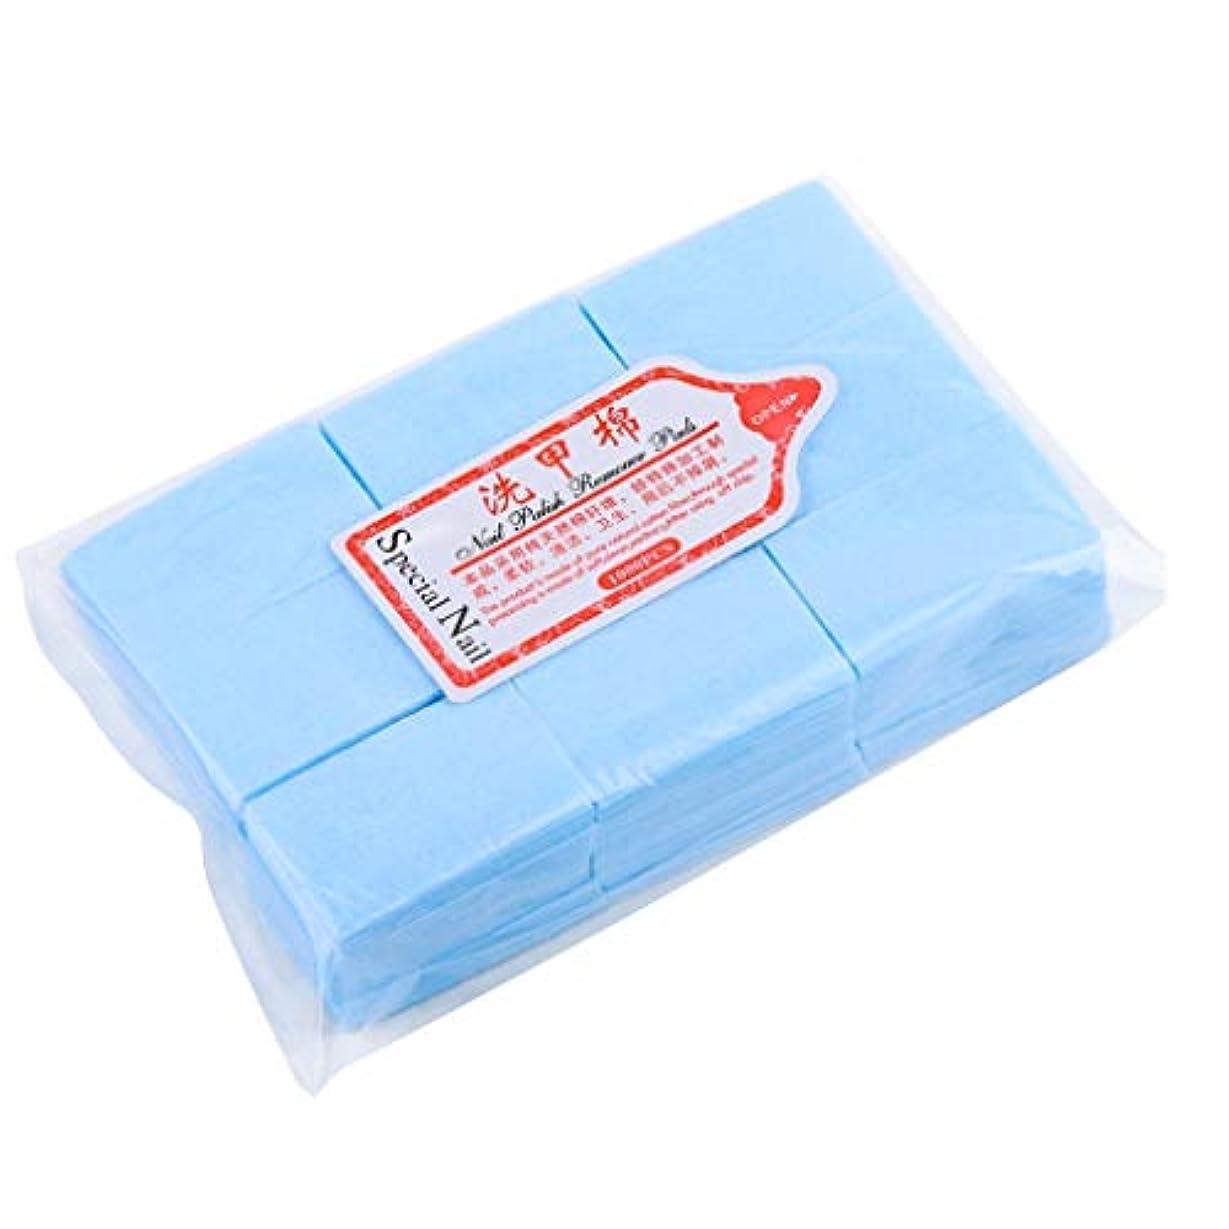 デジタル弁護人香りDYNWAVE ネイルアート コットンパッド メイクアップリムーバー 無アレルギー性 透過性 吸湿性 全4色 - ブルー